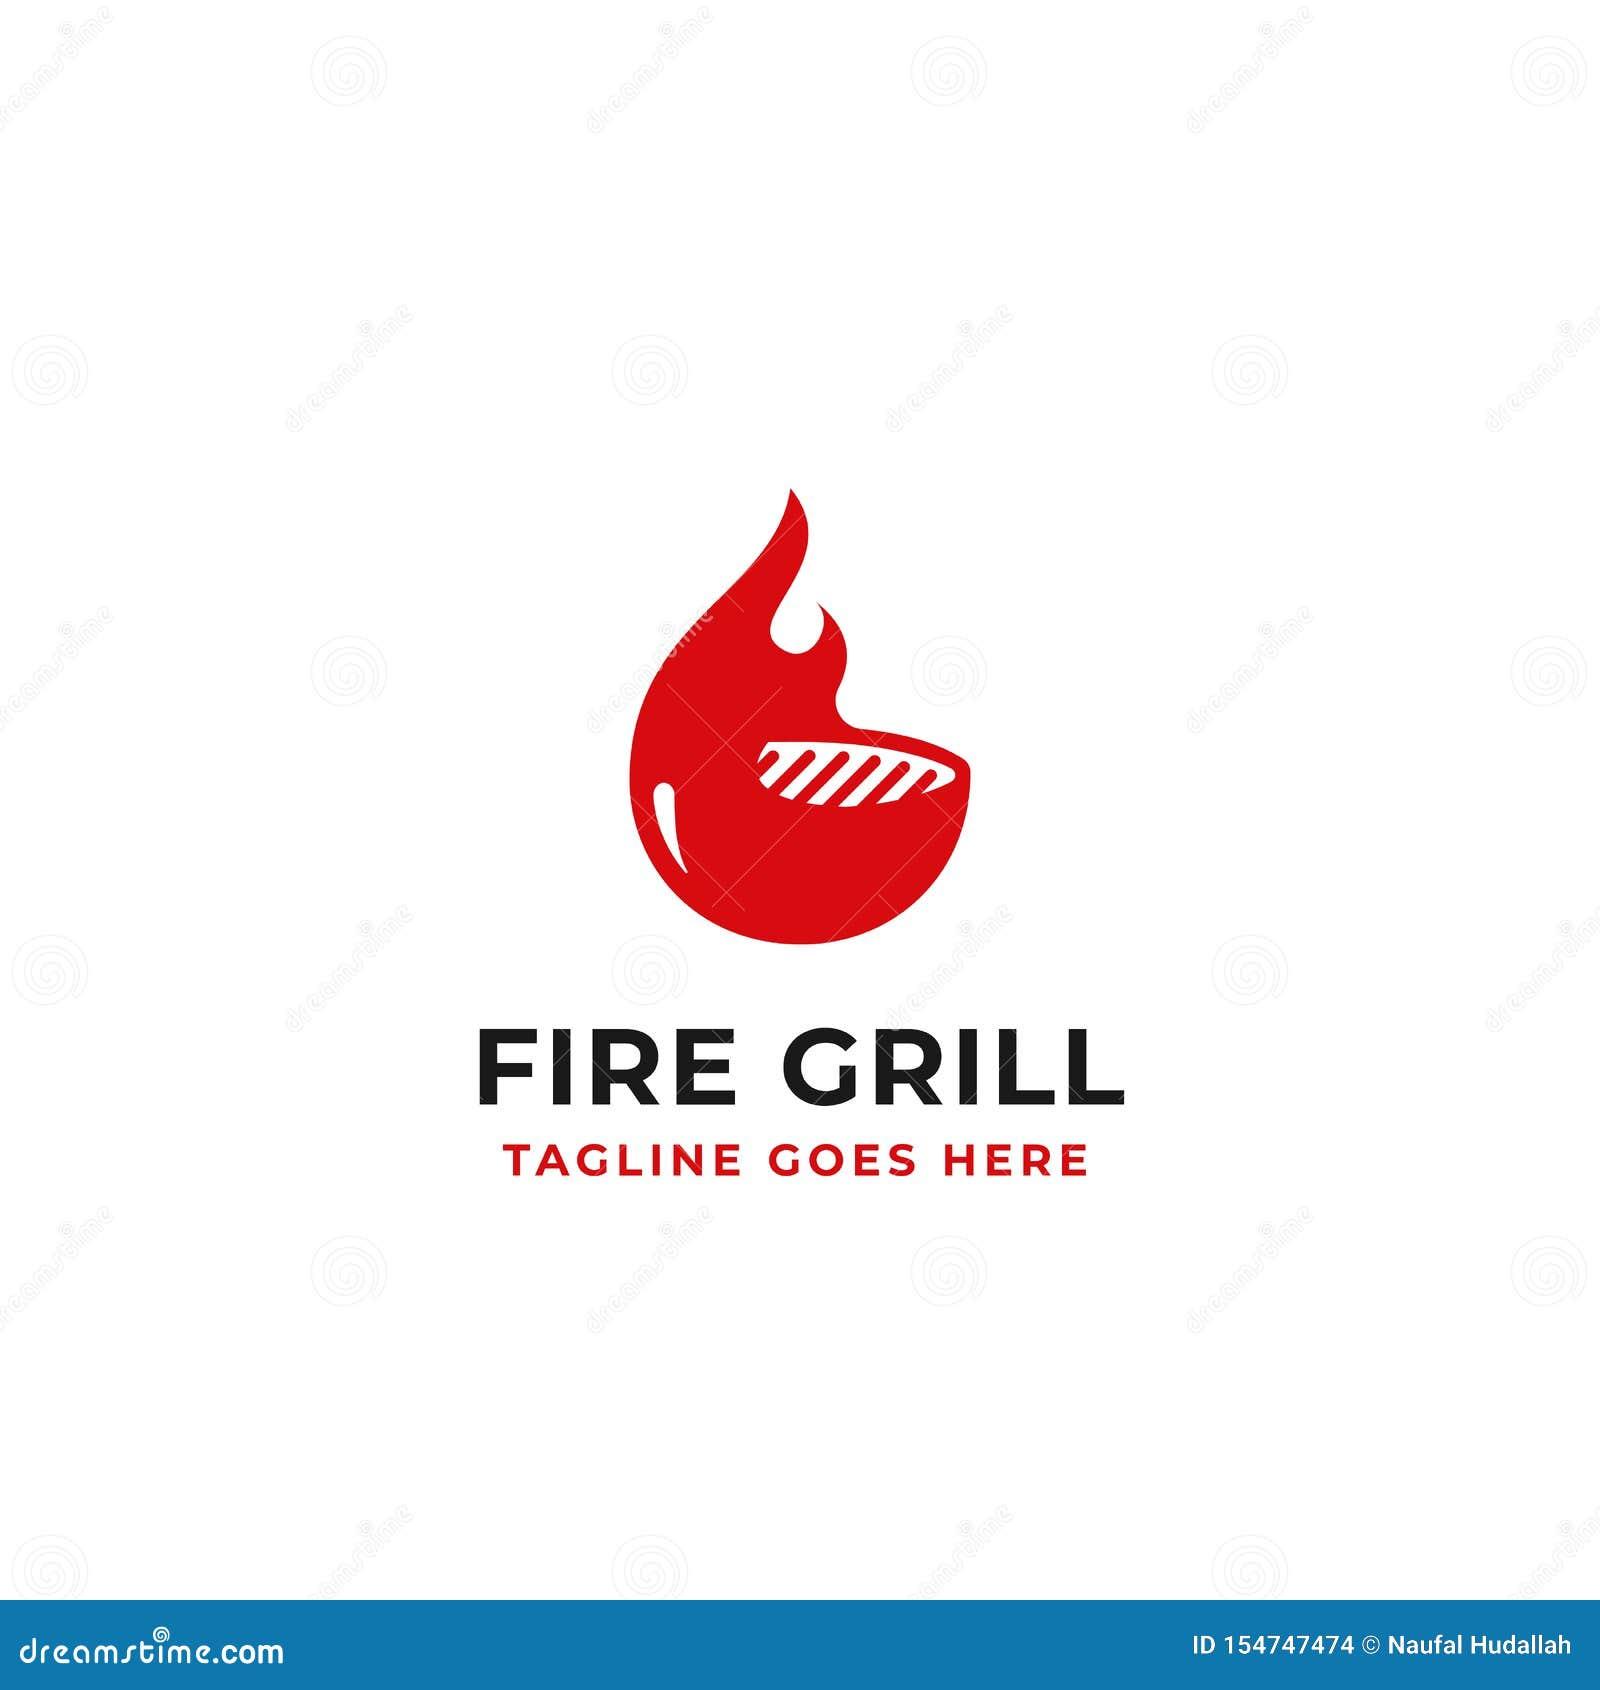 Дизайн логотипа гриля огня для иллюстрации вектора концепции образа бренда ресторана говядины